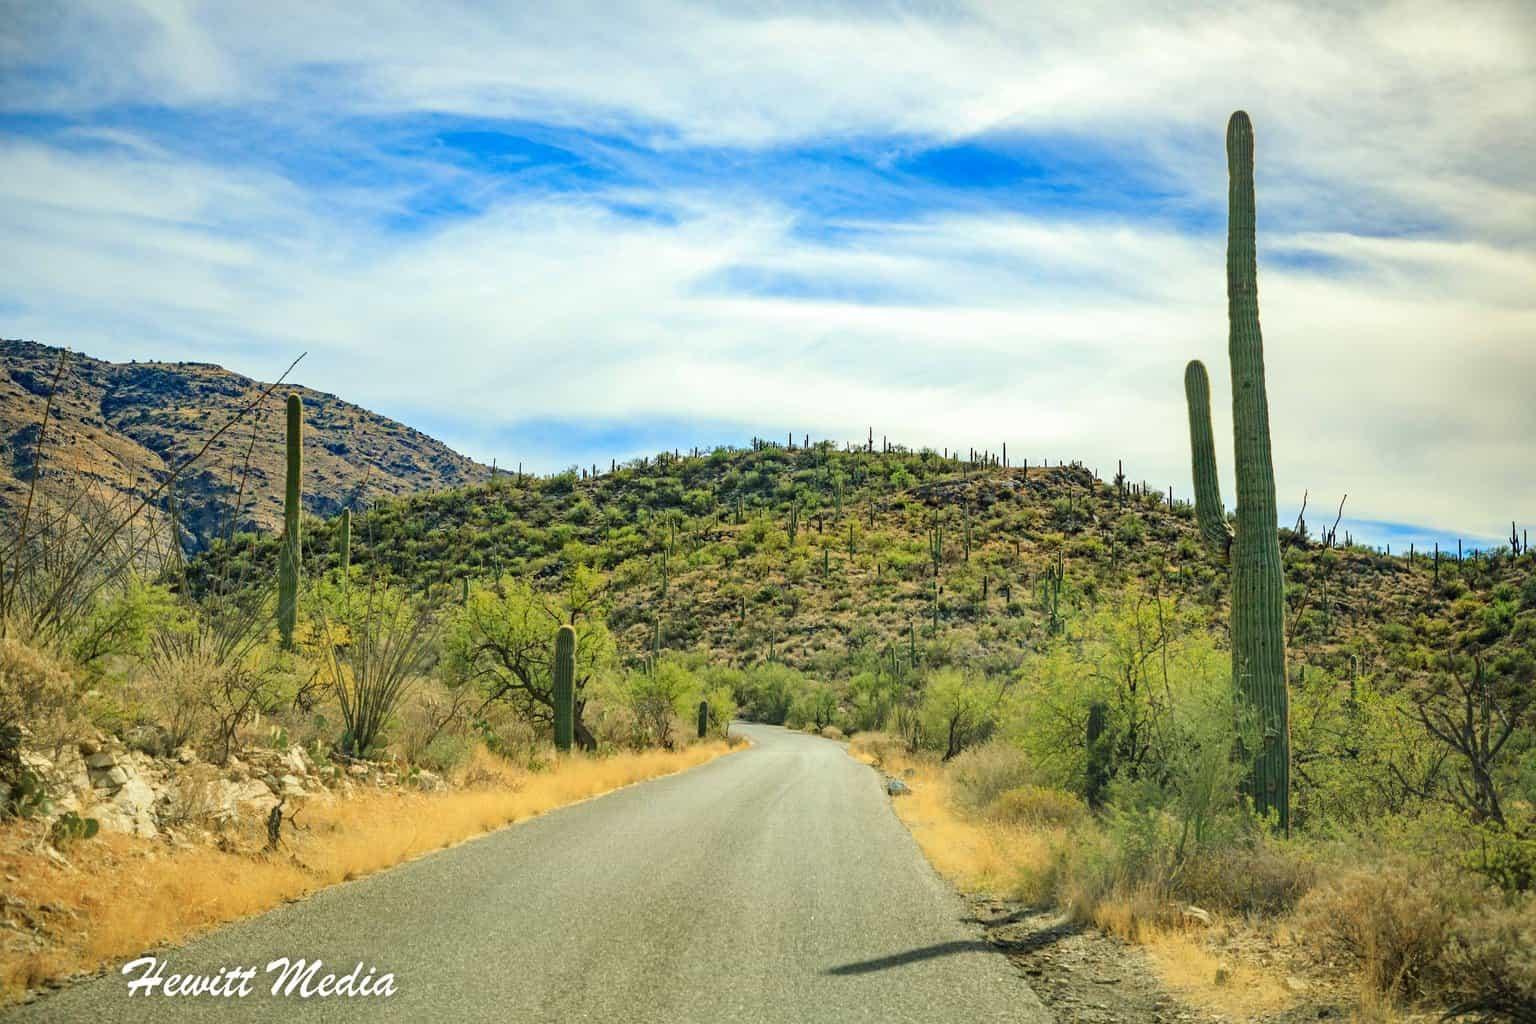 Bajada Loop Drive in Saguaro National Park